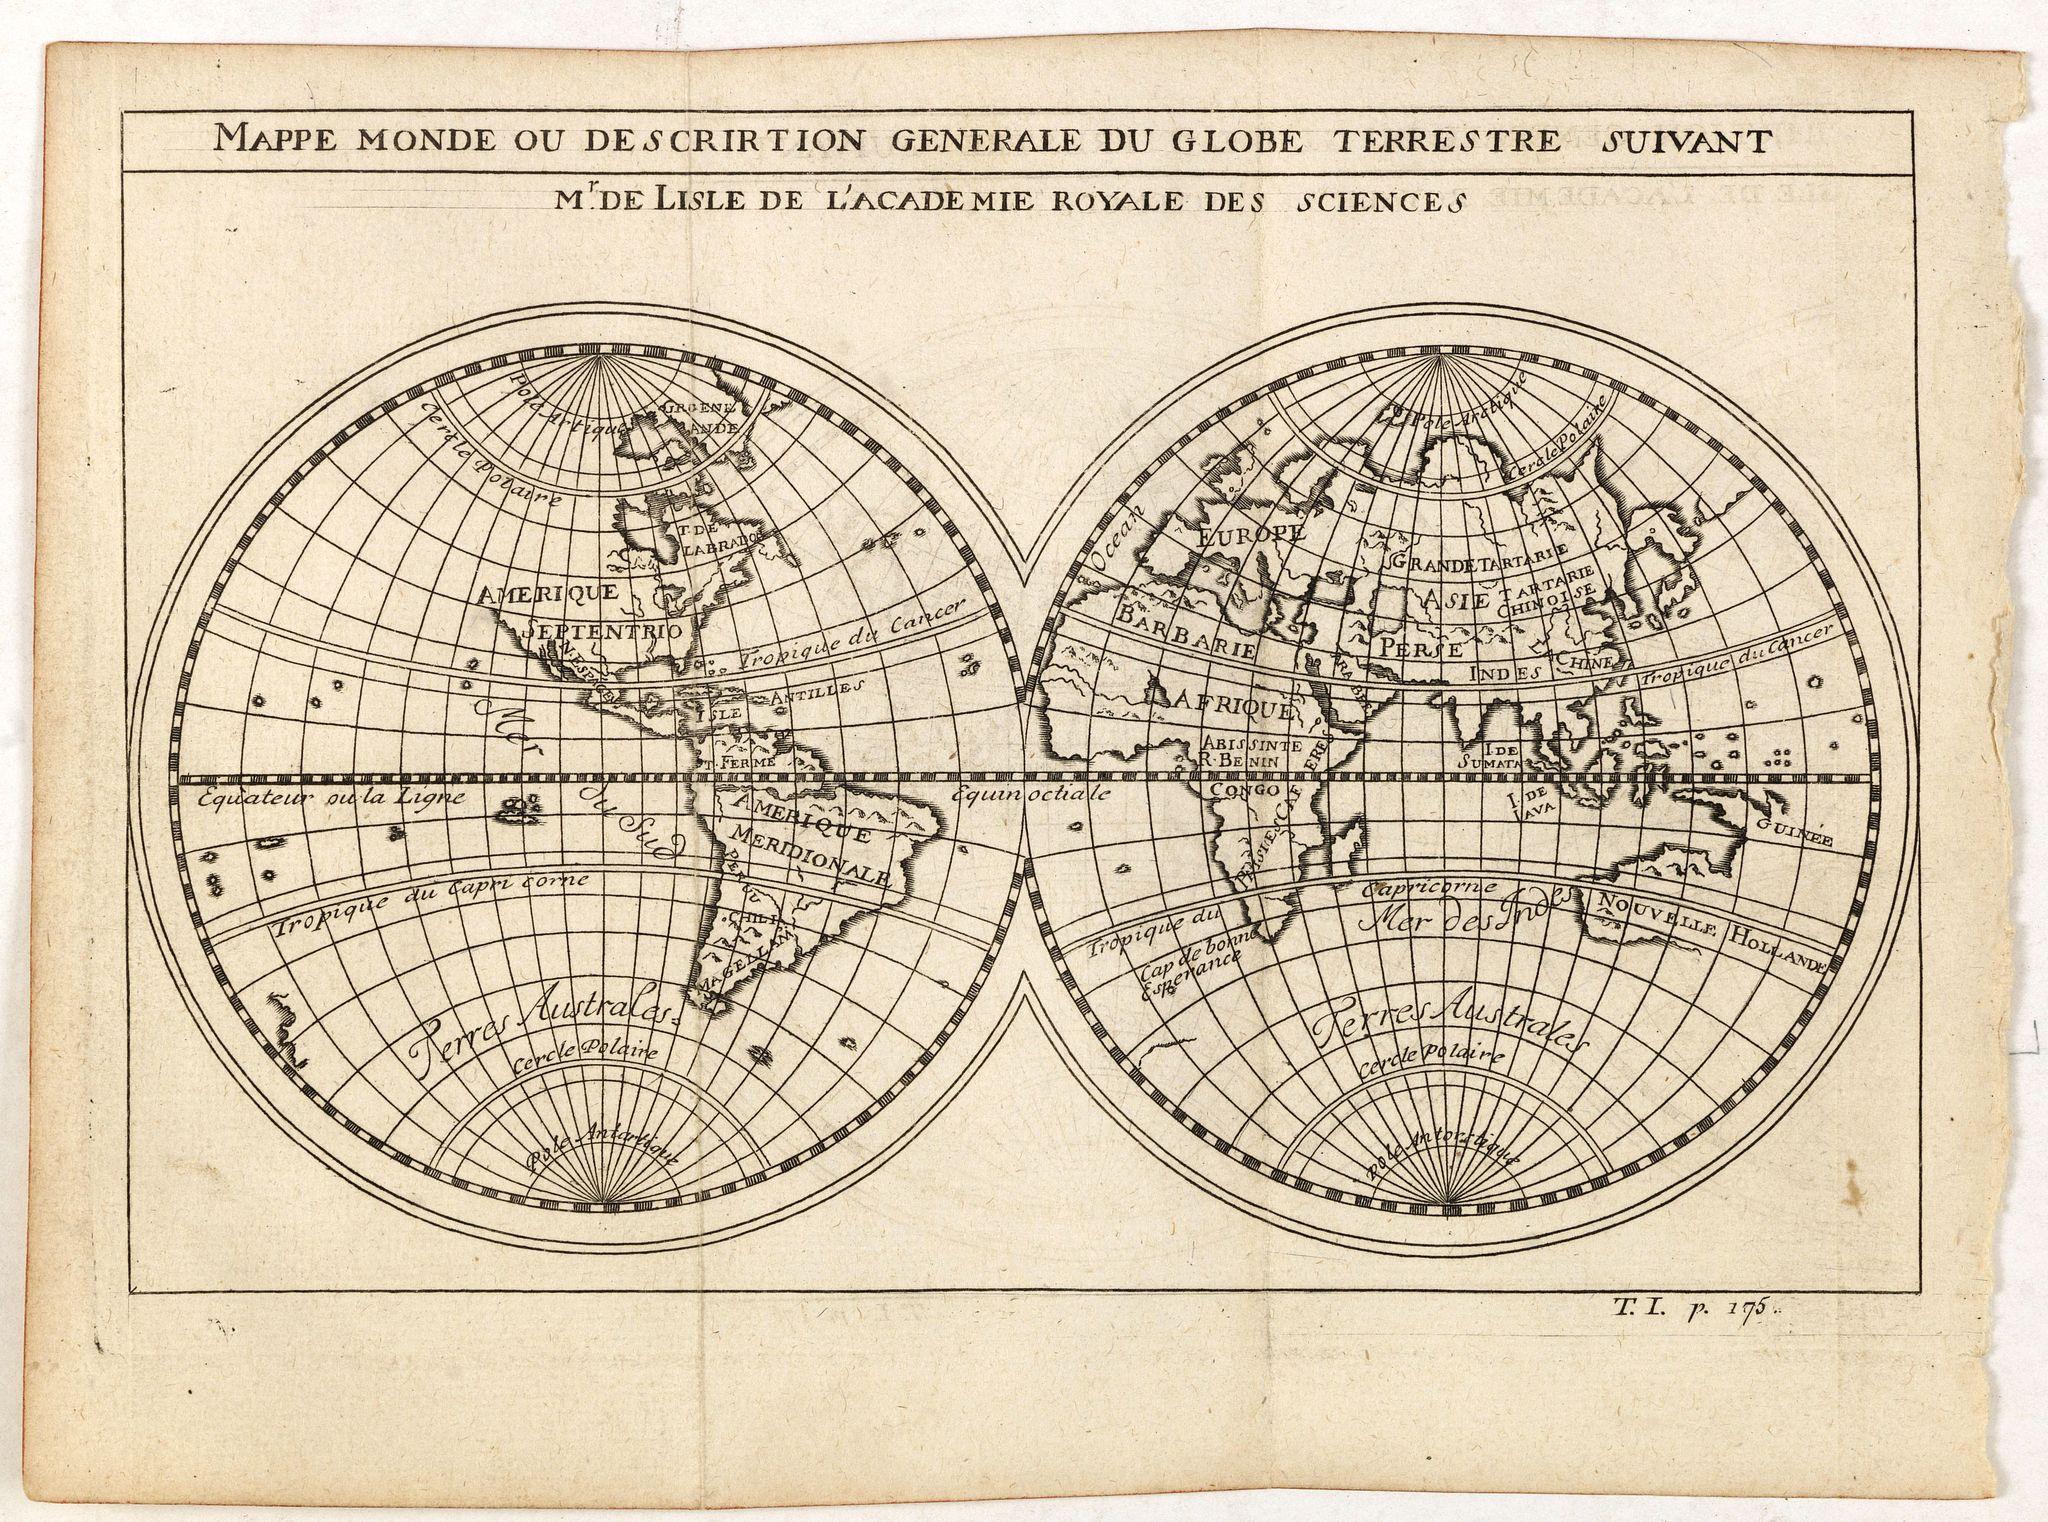 DELISLE, G. after -  Mappe monde ou description generale du globe terrestre suivant Mr.de Lisle de l'academie Royale des sciences.